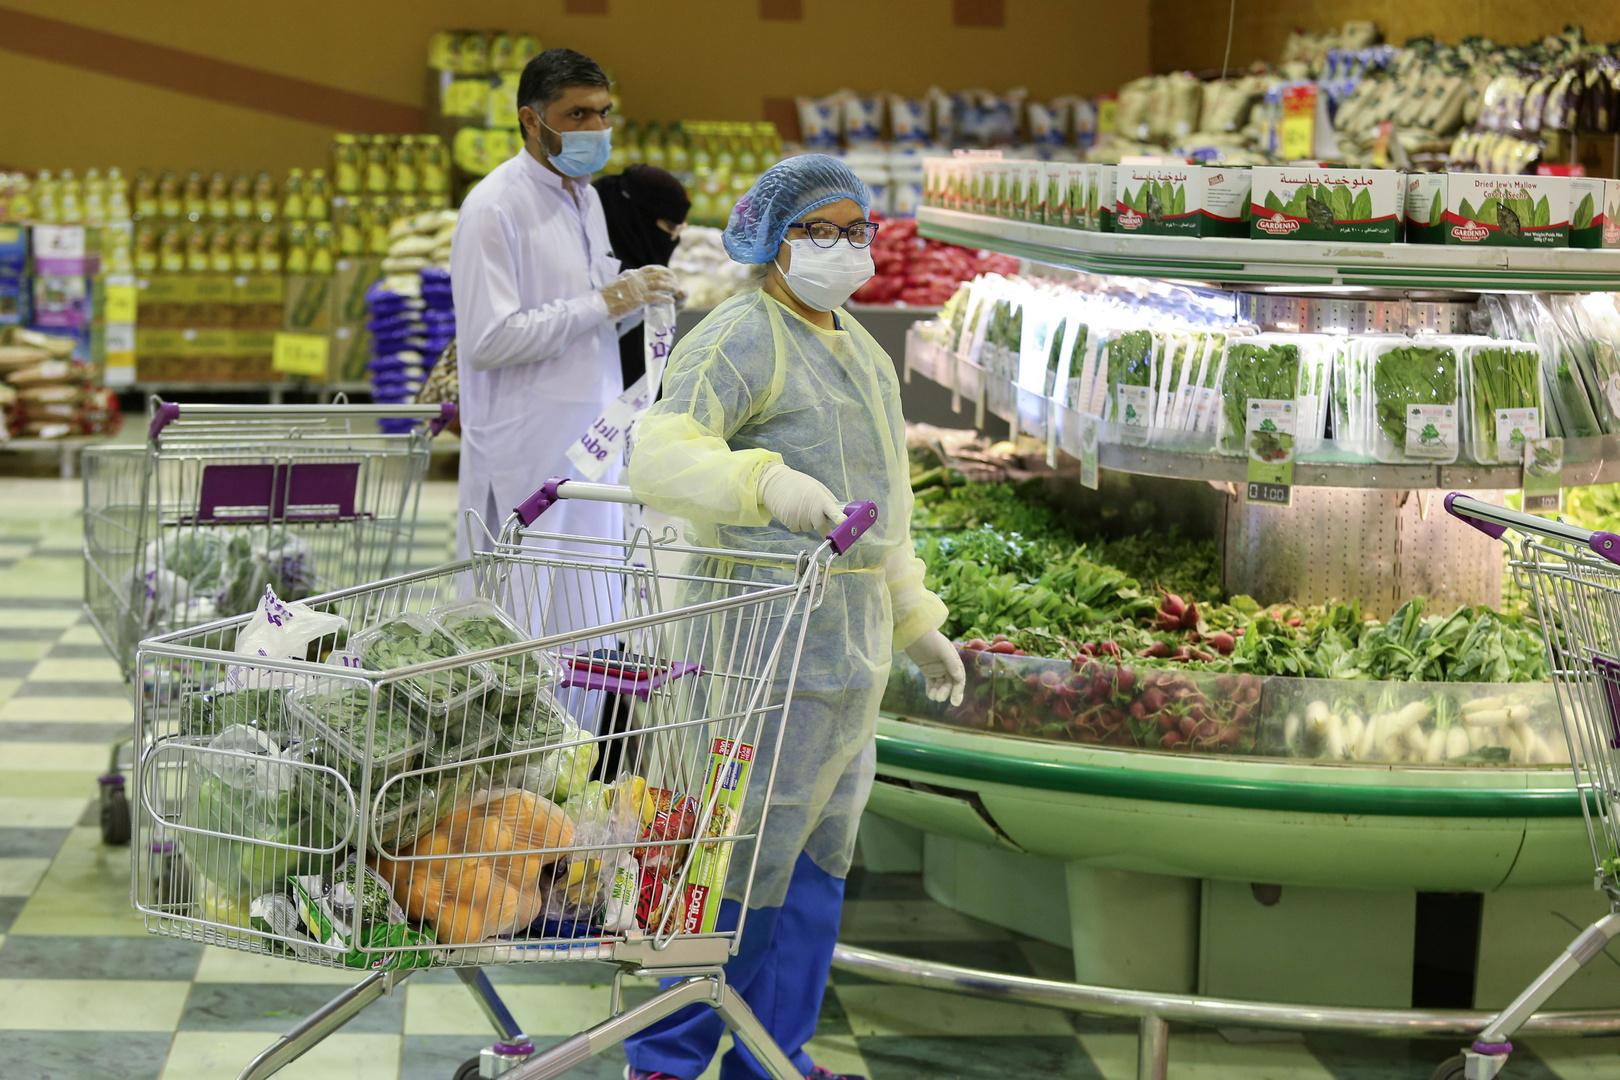 تراجع الإصابات بكورونا في الرياض بنسبة 90%